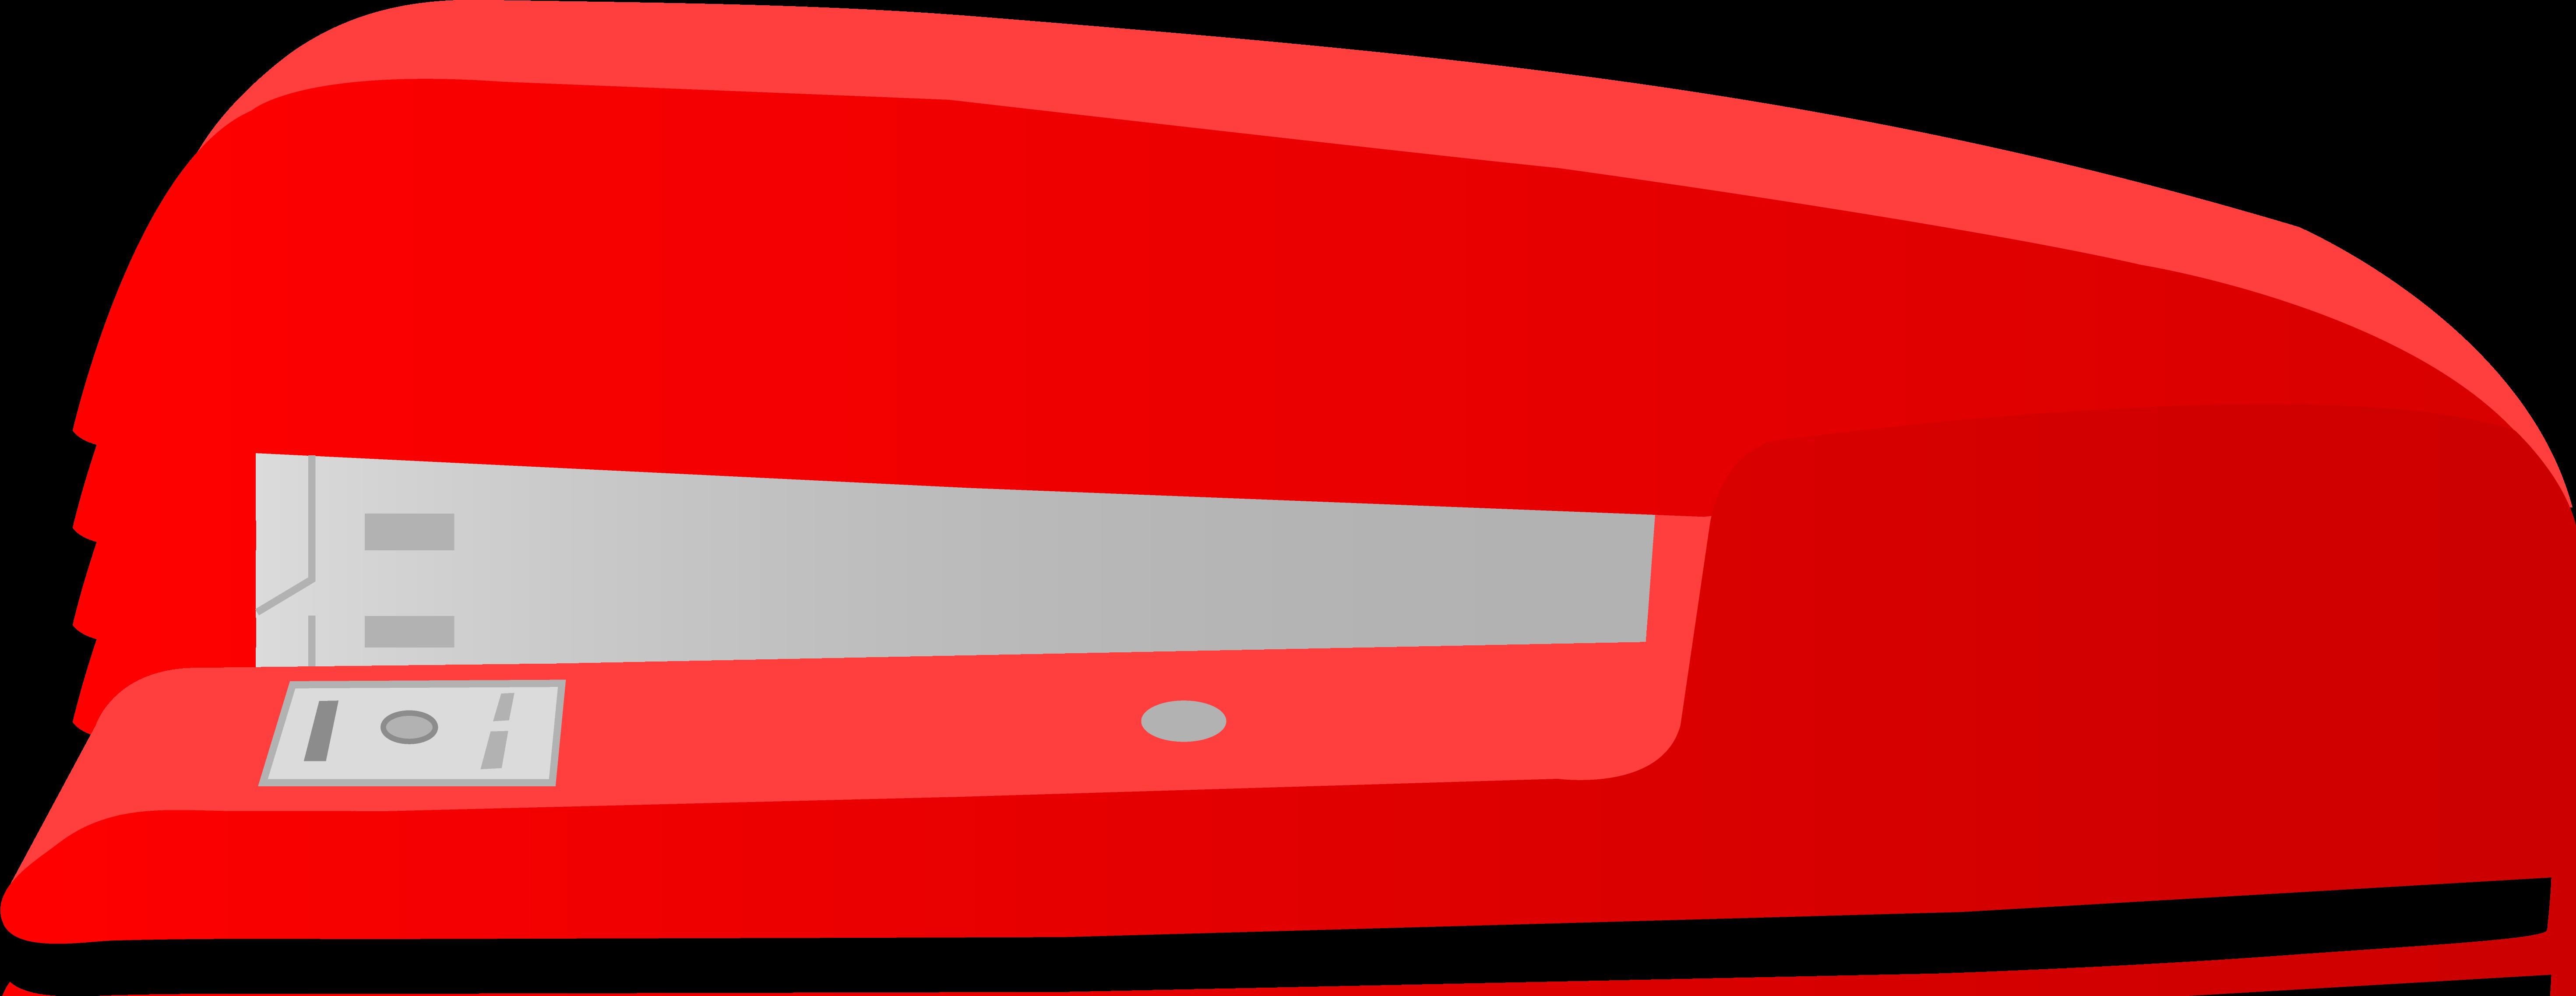 Large Red Office Desk Stapler.